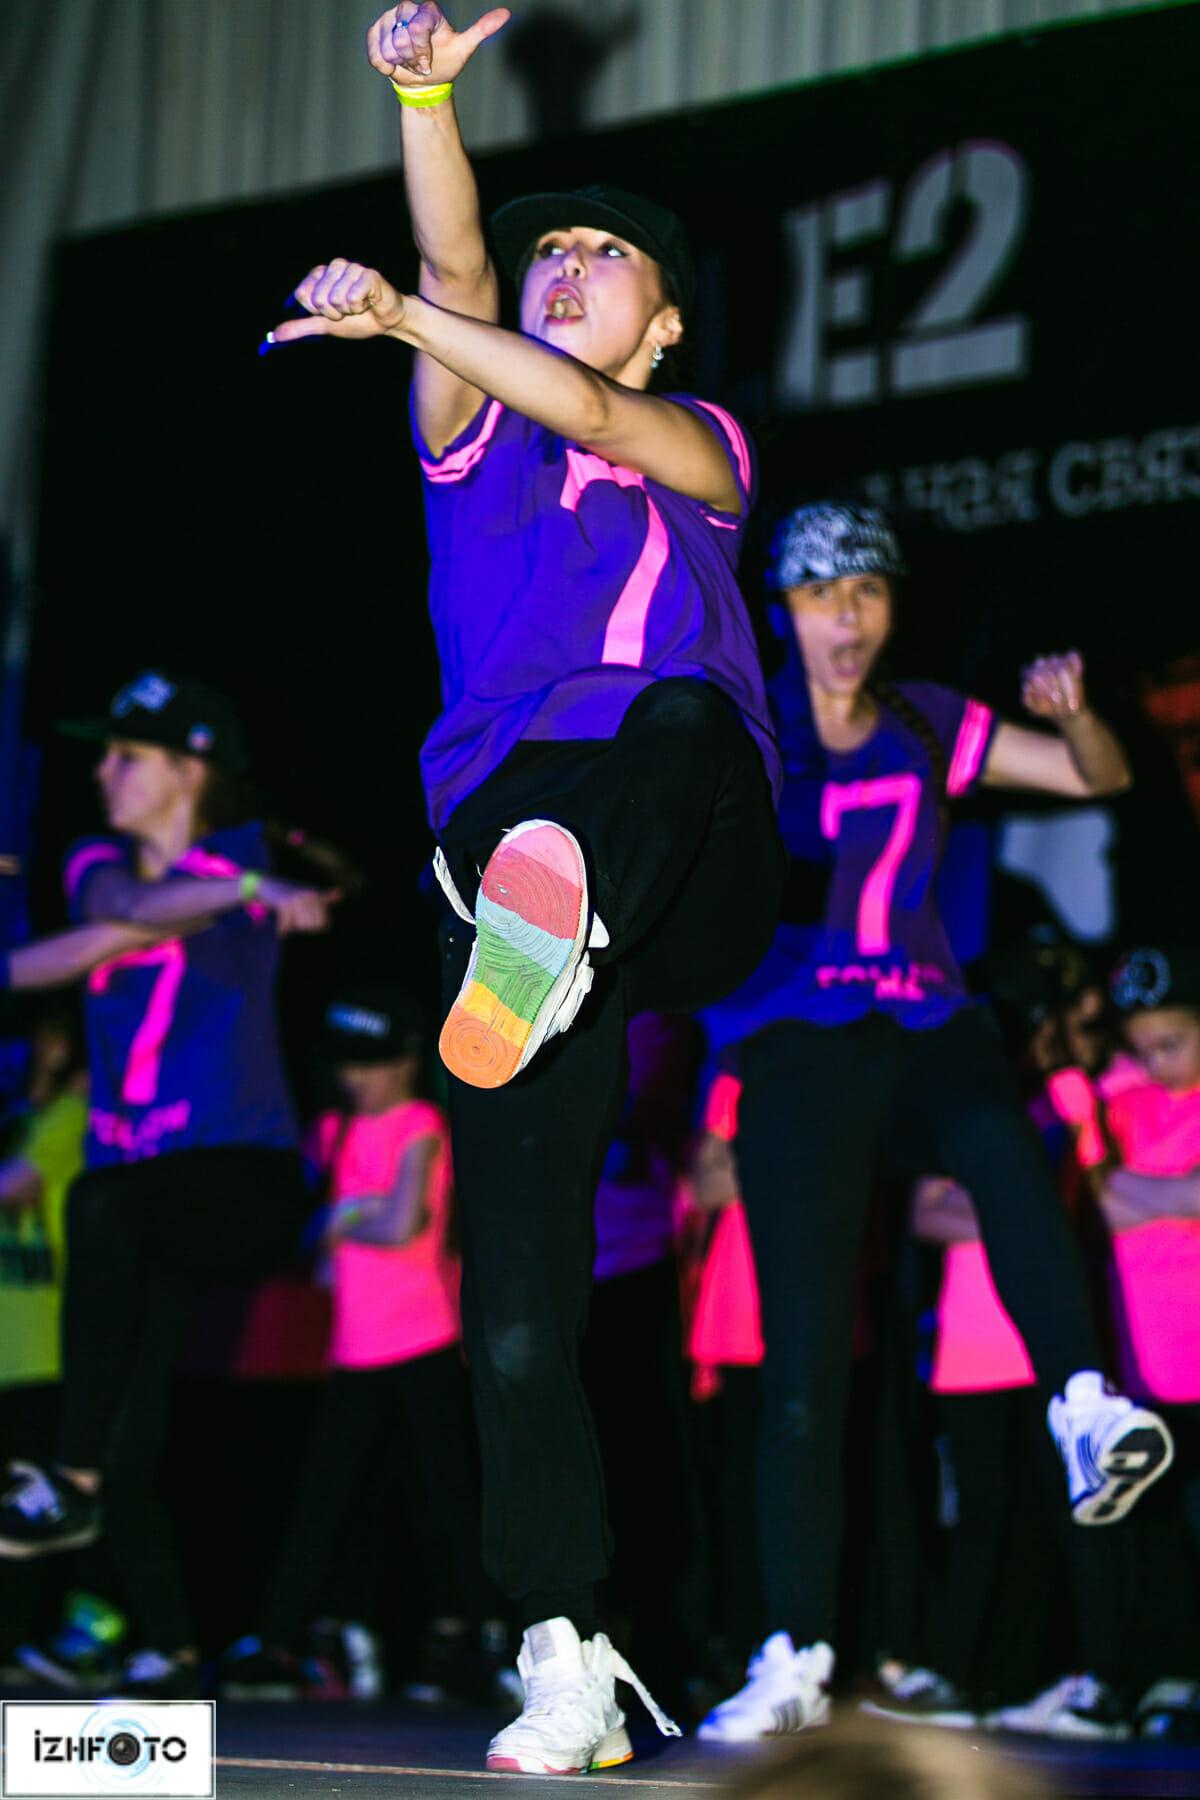 Фестиваль танцев в Ижевске